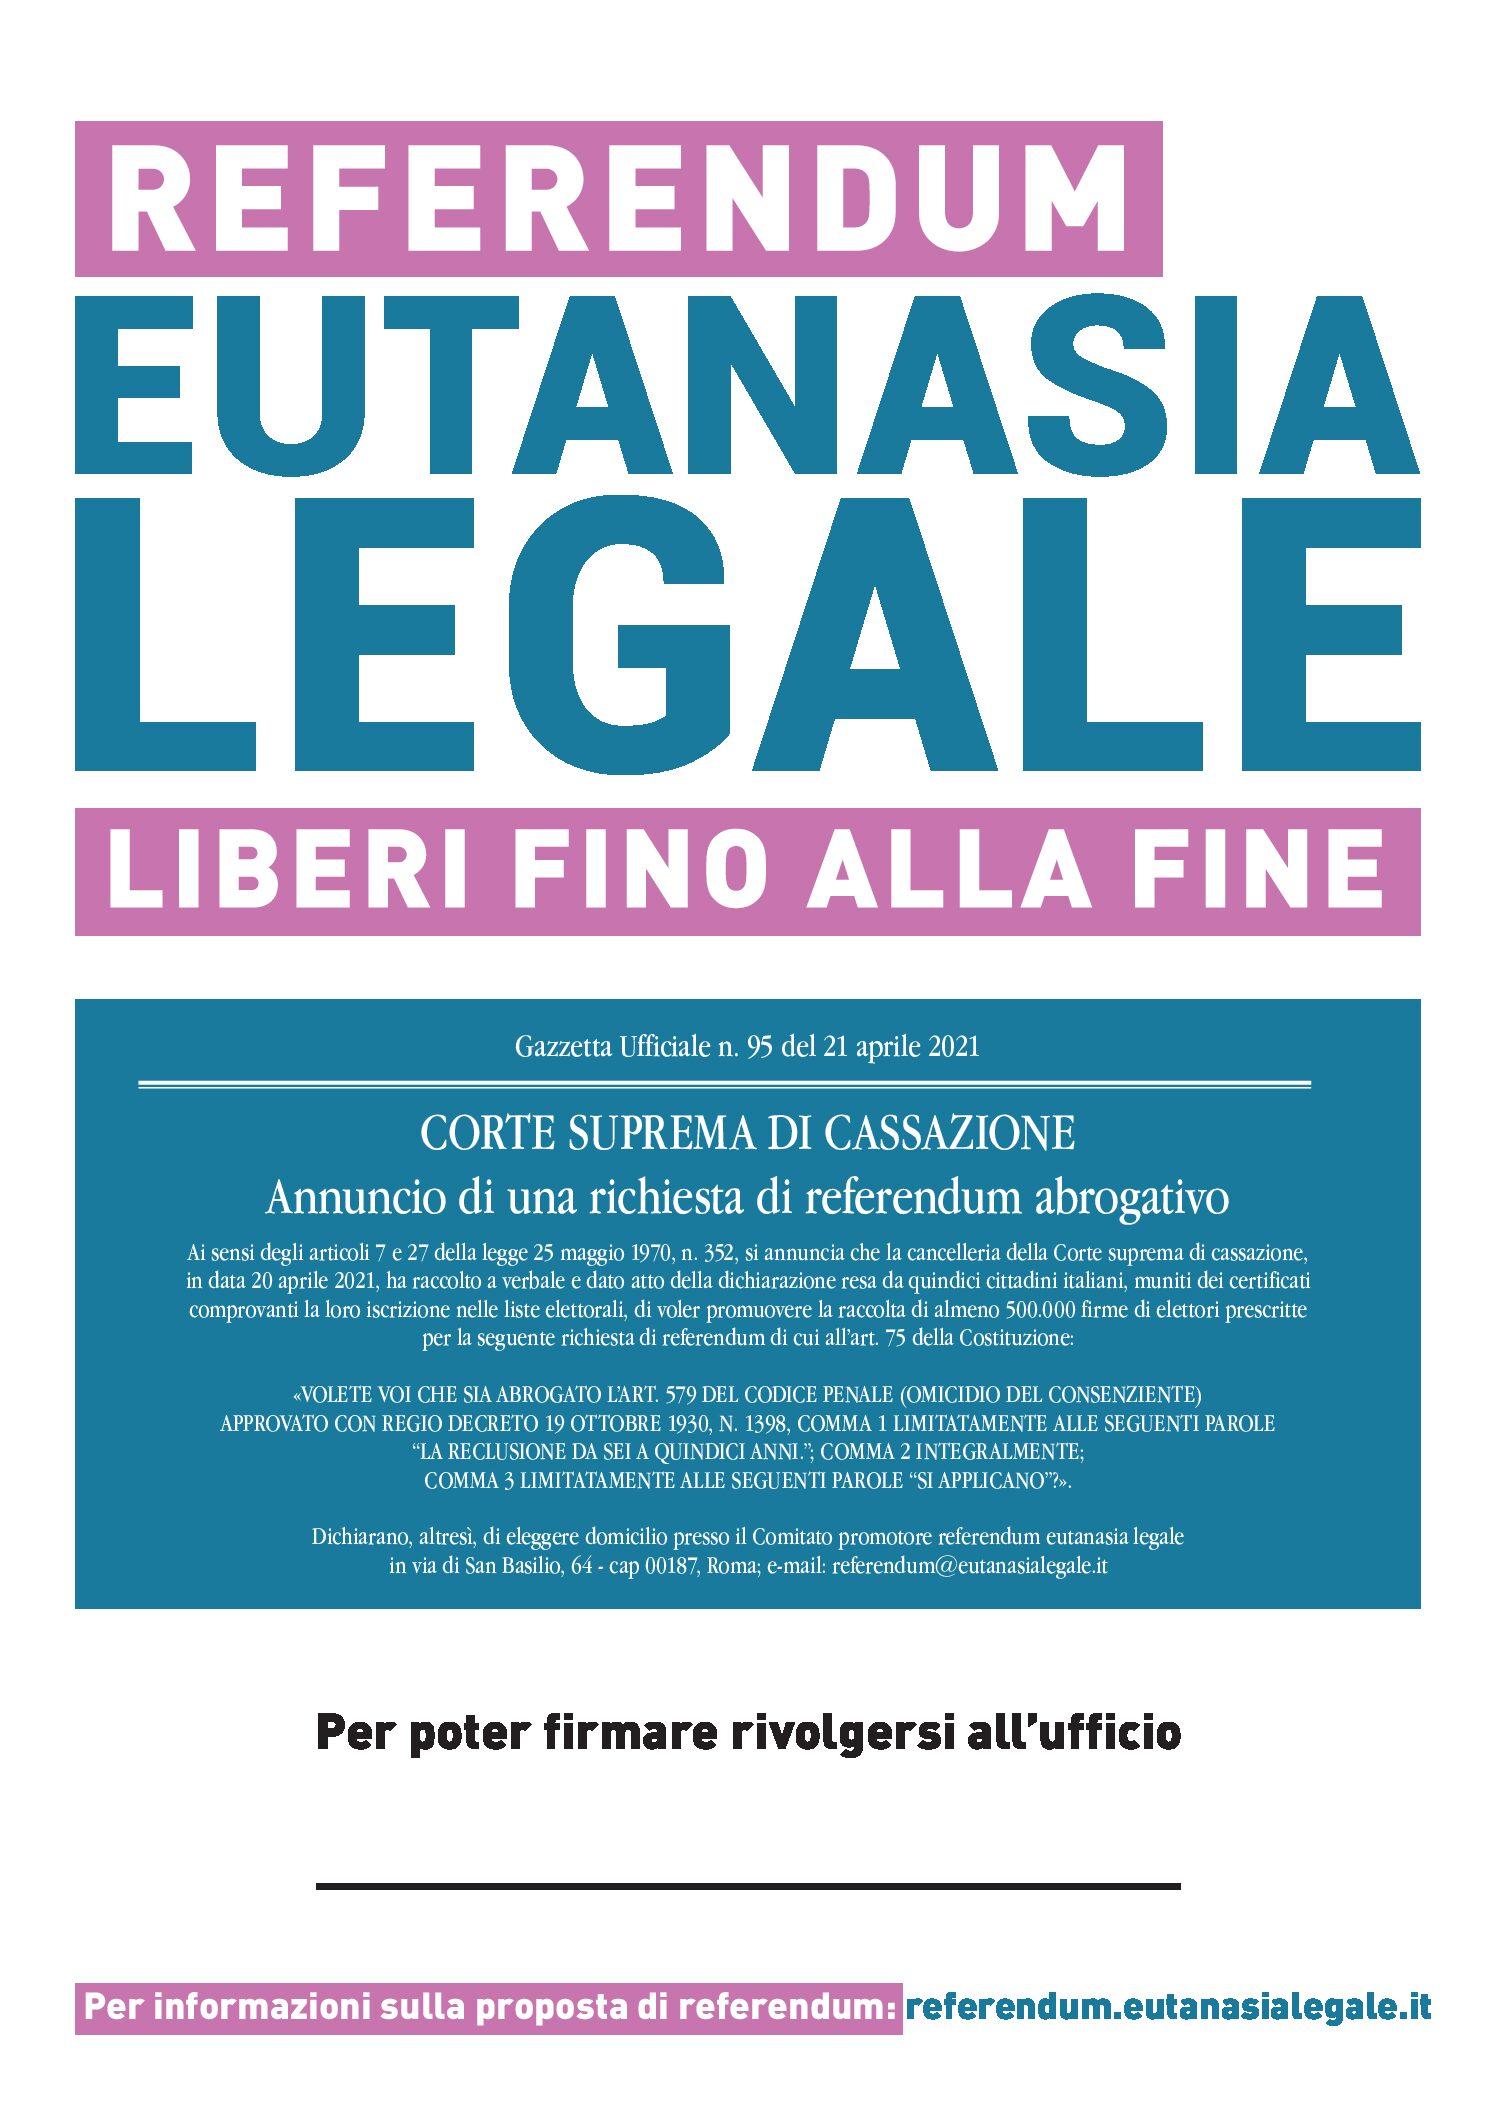 COMITATO PROMOTORE REFERENDUM EUTANASIA LEGALE